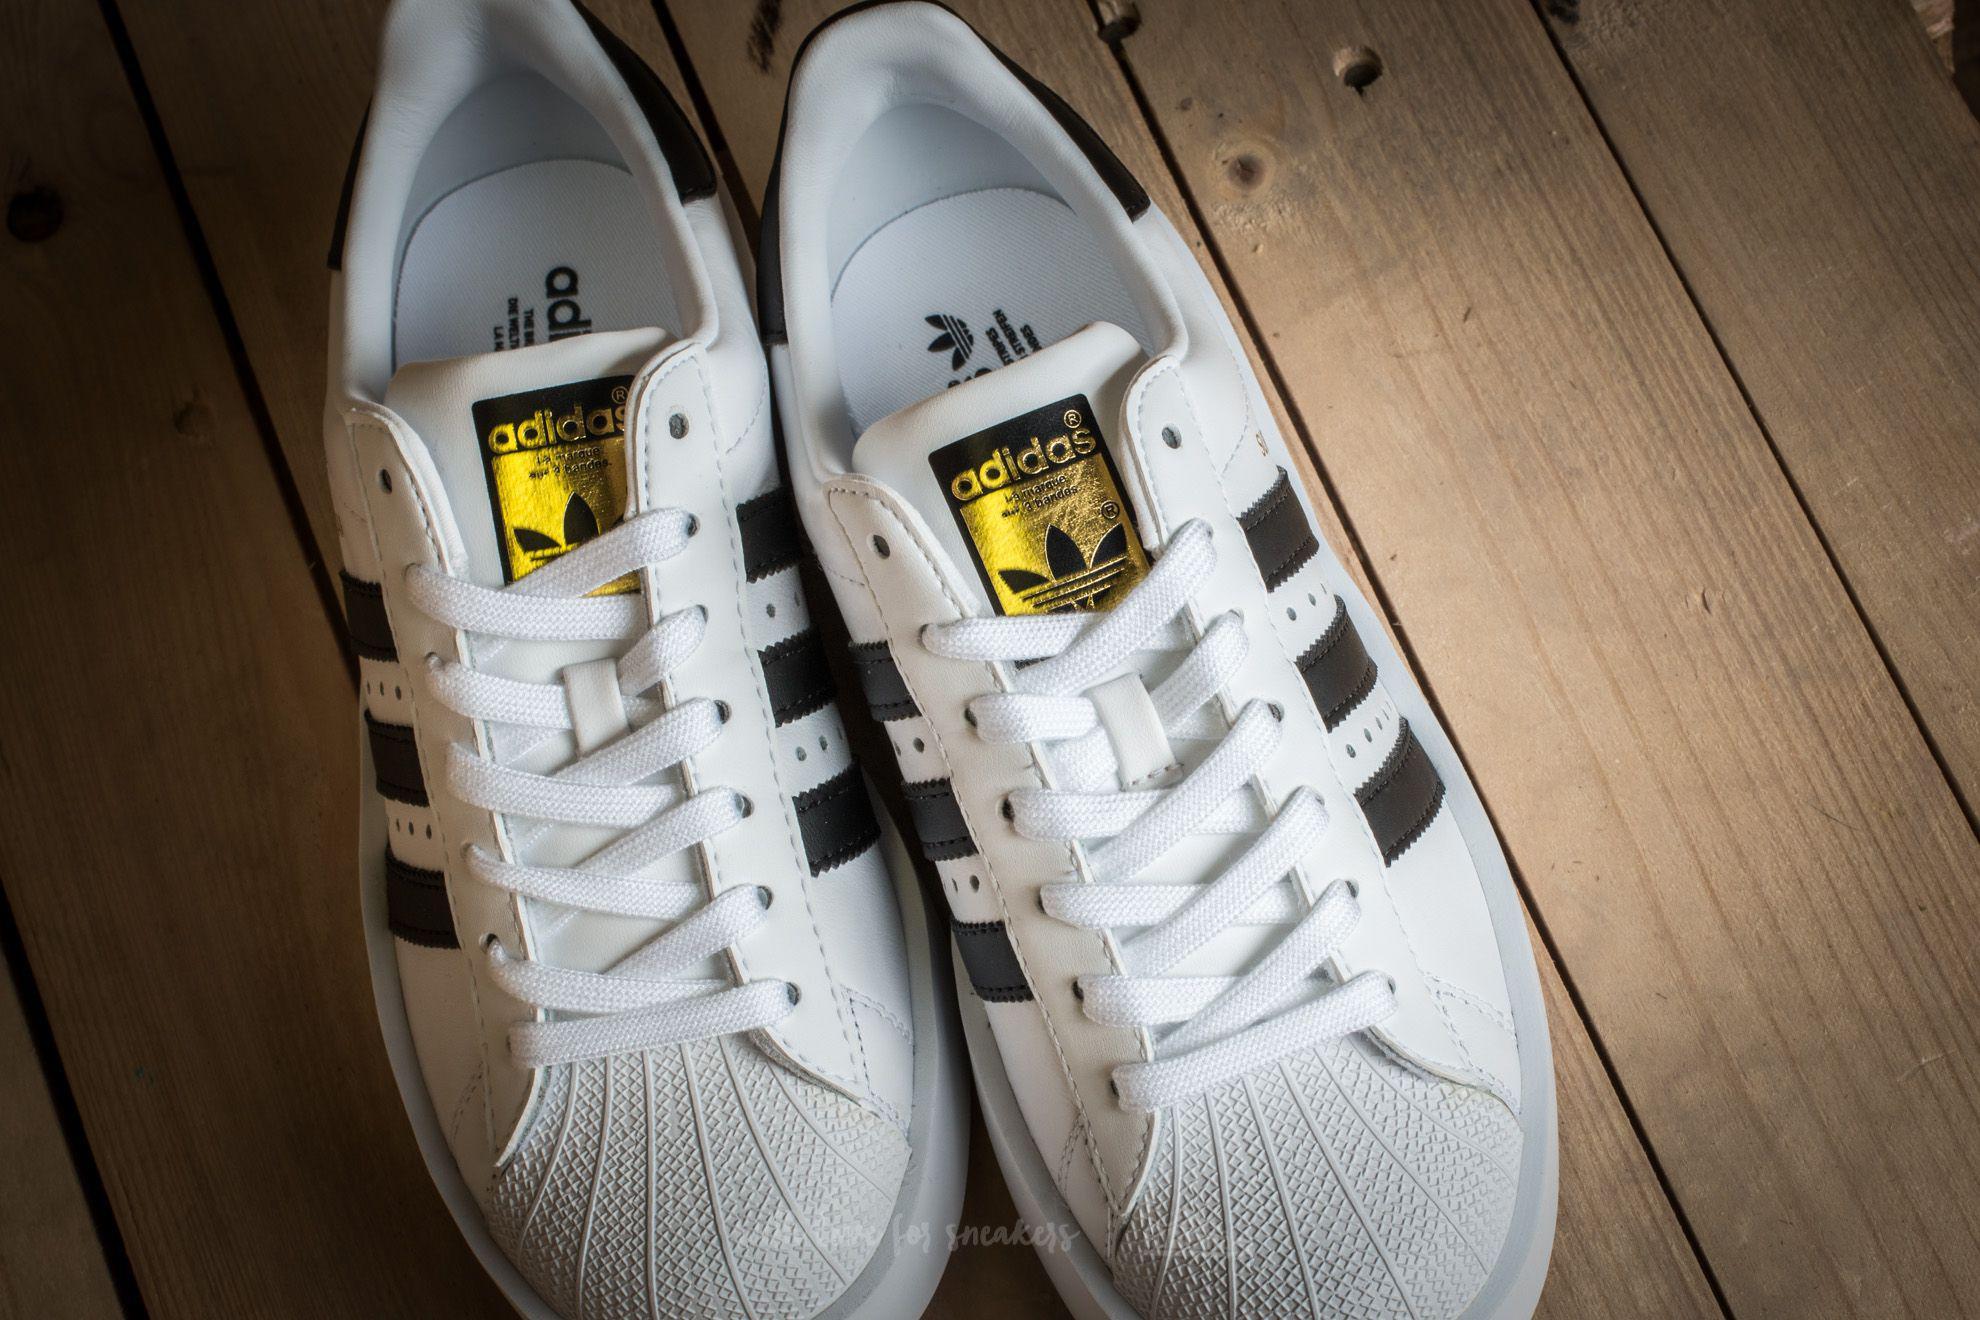 lyst adidas originali adidas superstar audace piattaforma w ftw bianco